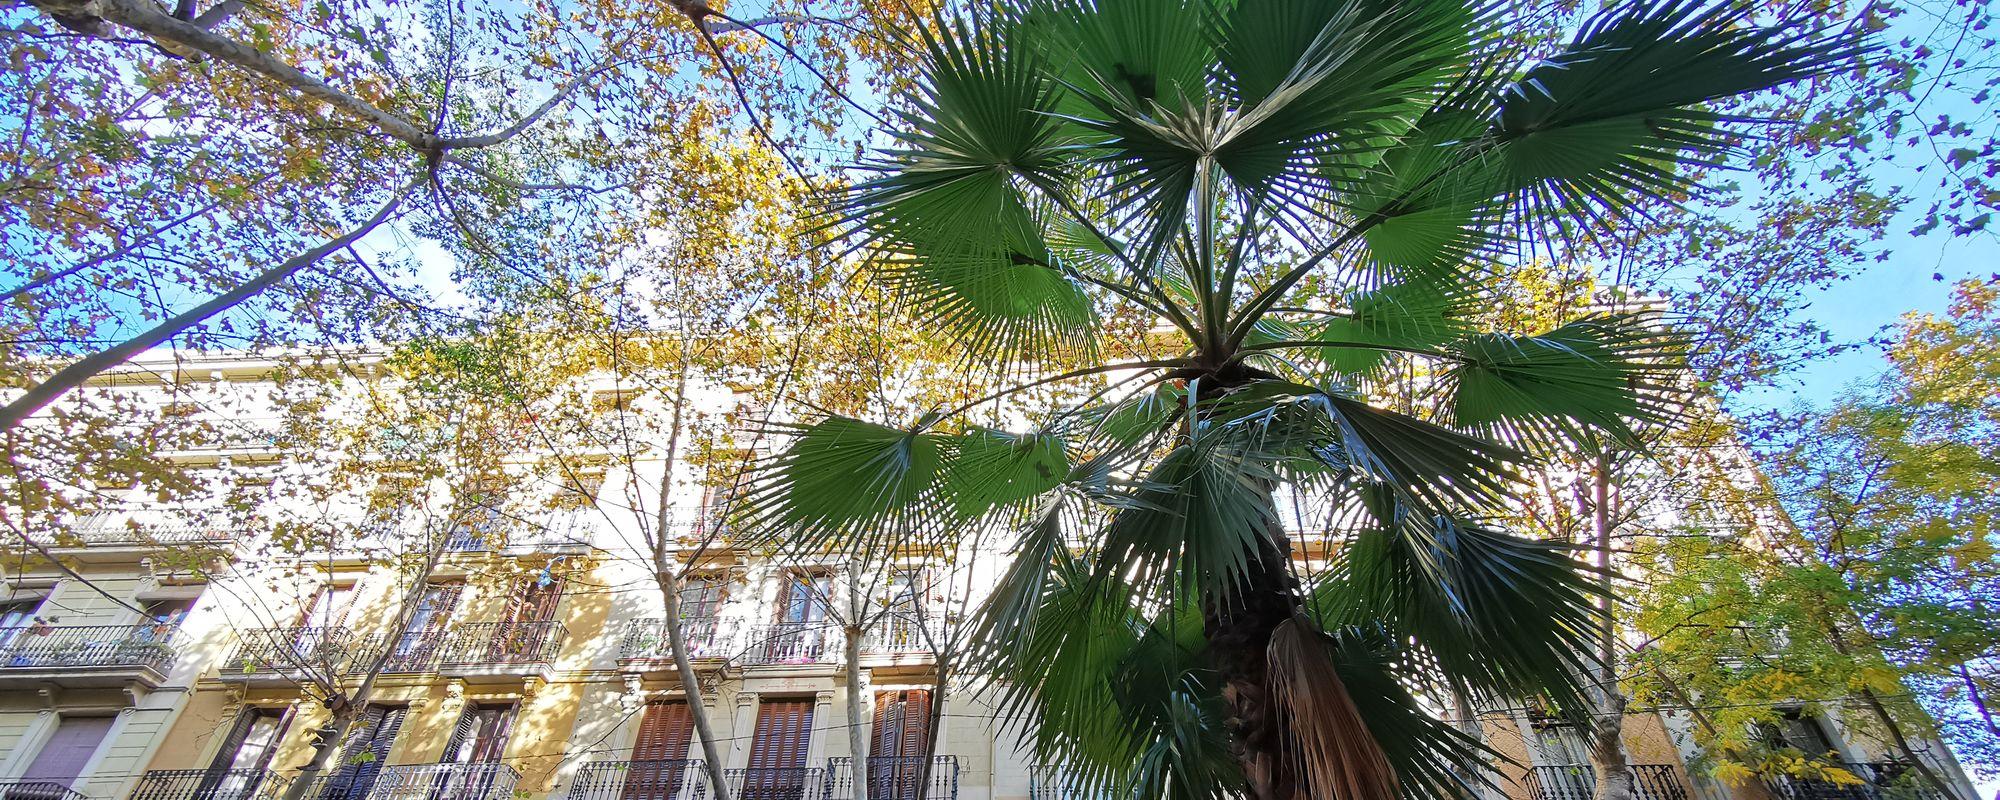 Un pic de palmier, un pic de cer, un pic de Barcelona.